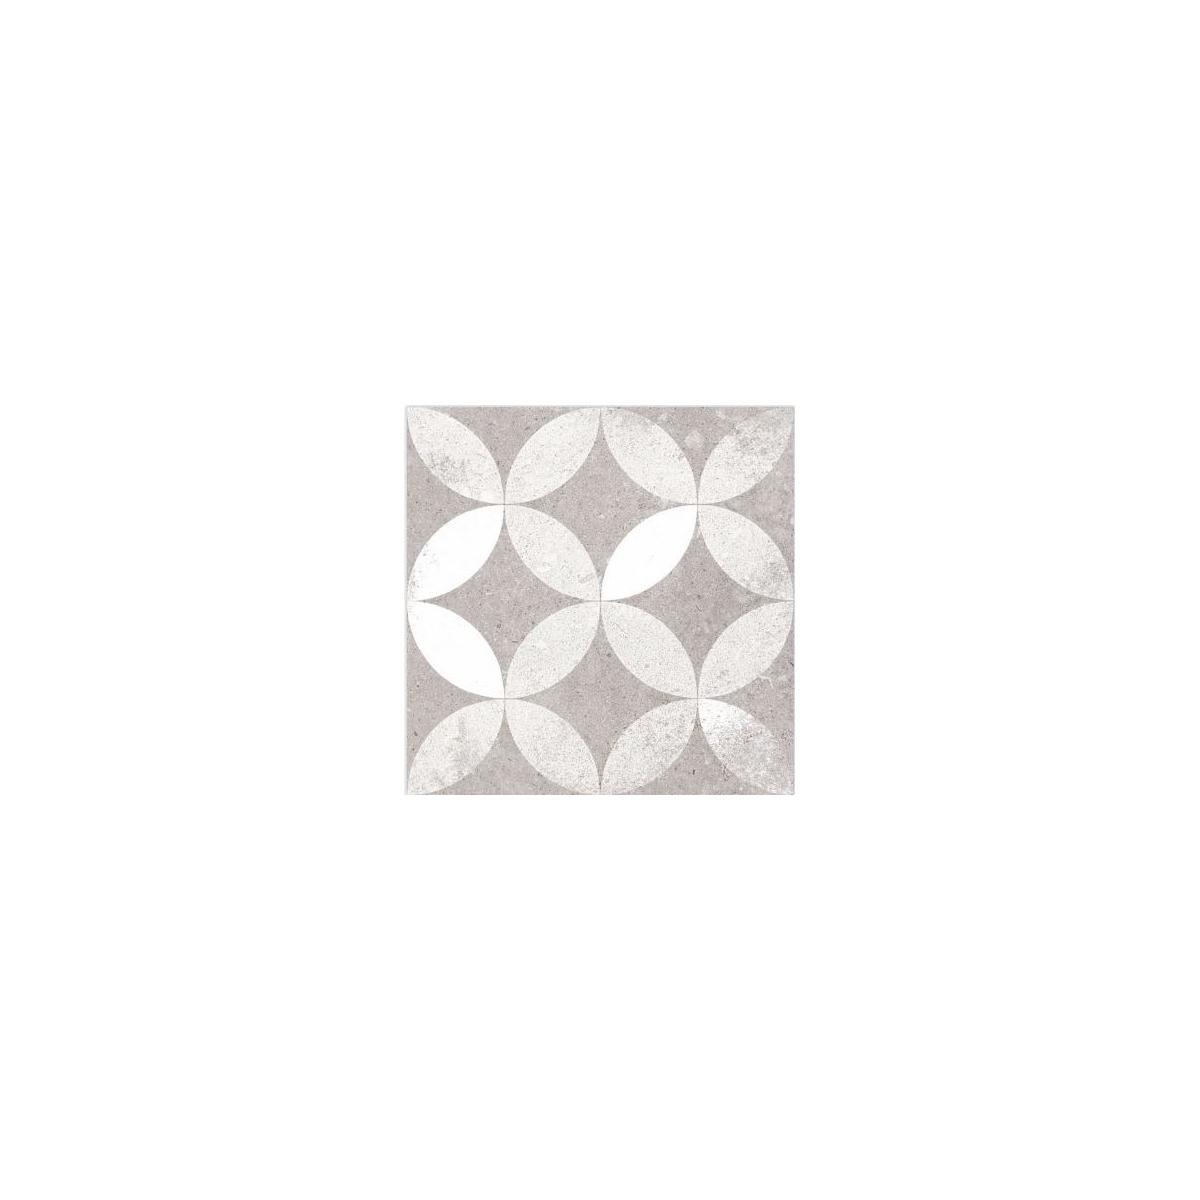 Kerala Gris 20x20 (m2) - Pavimento hidráulico Porcelánico interior y exterior